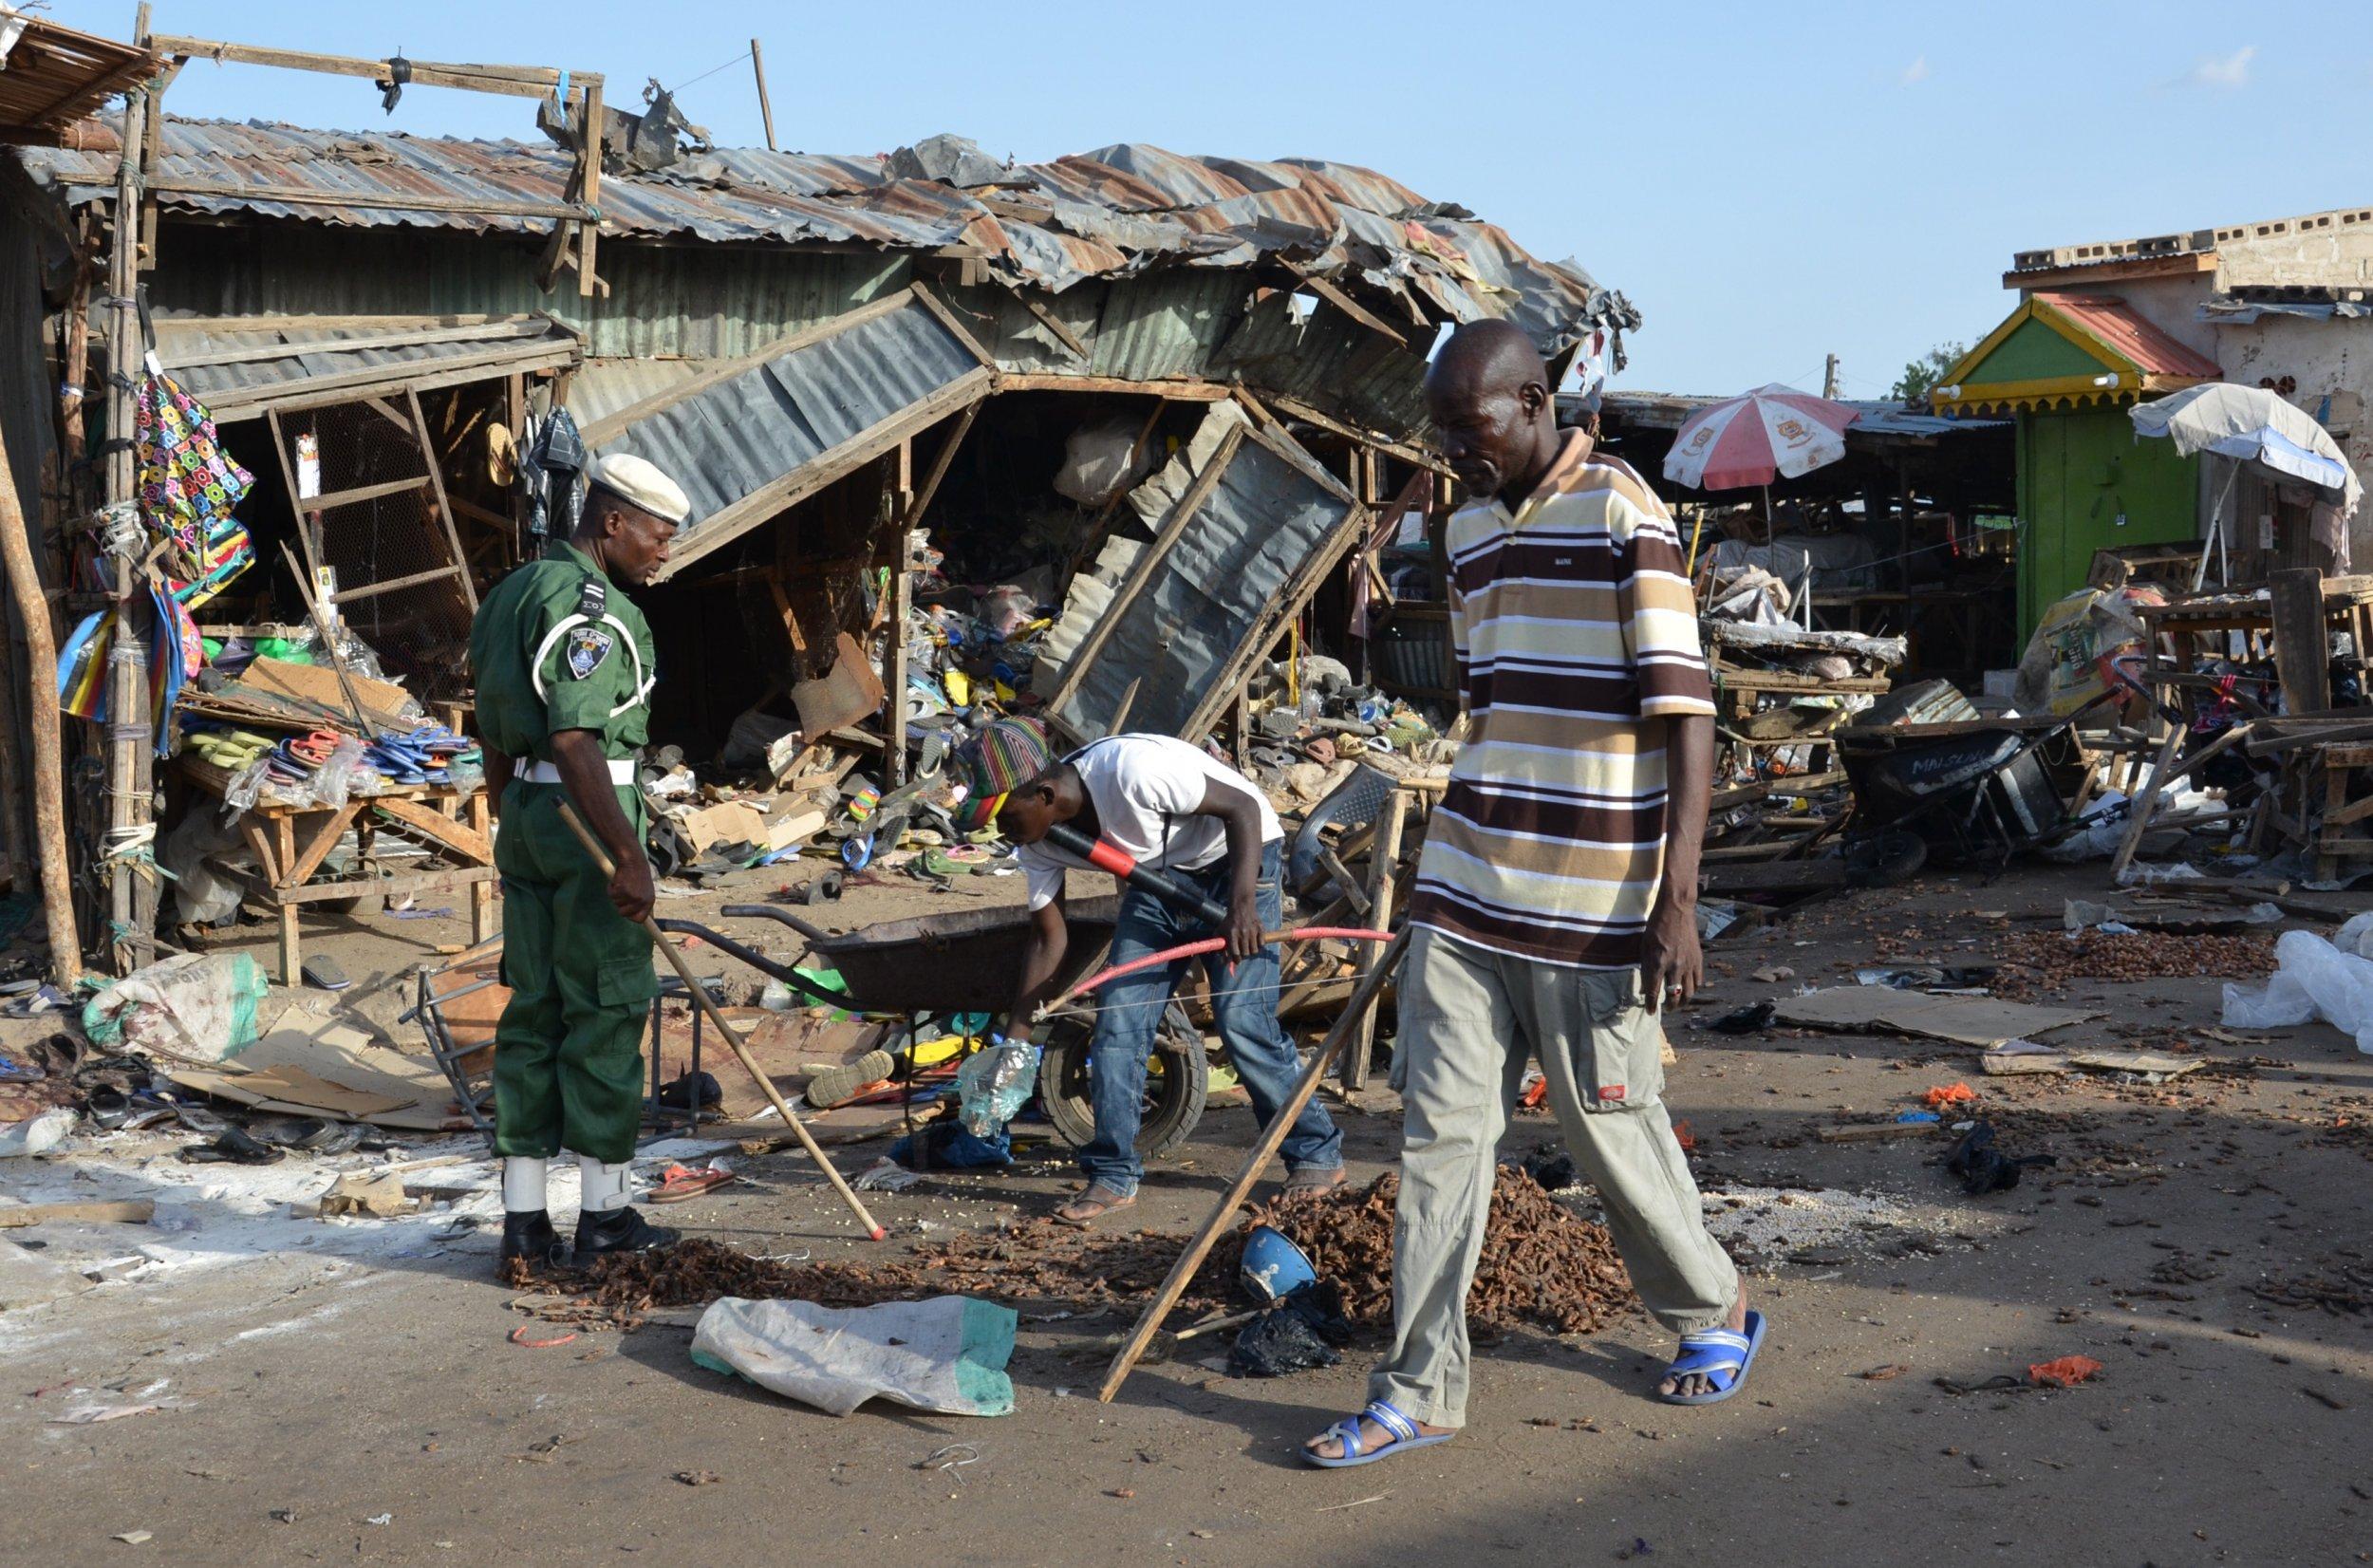 Suicide bomb aftermath Maiduguri Nigeria